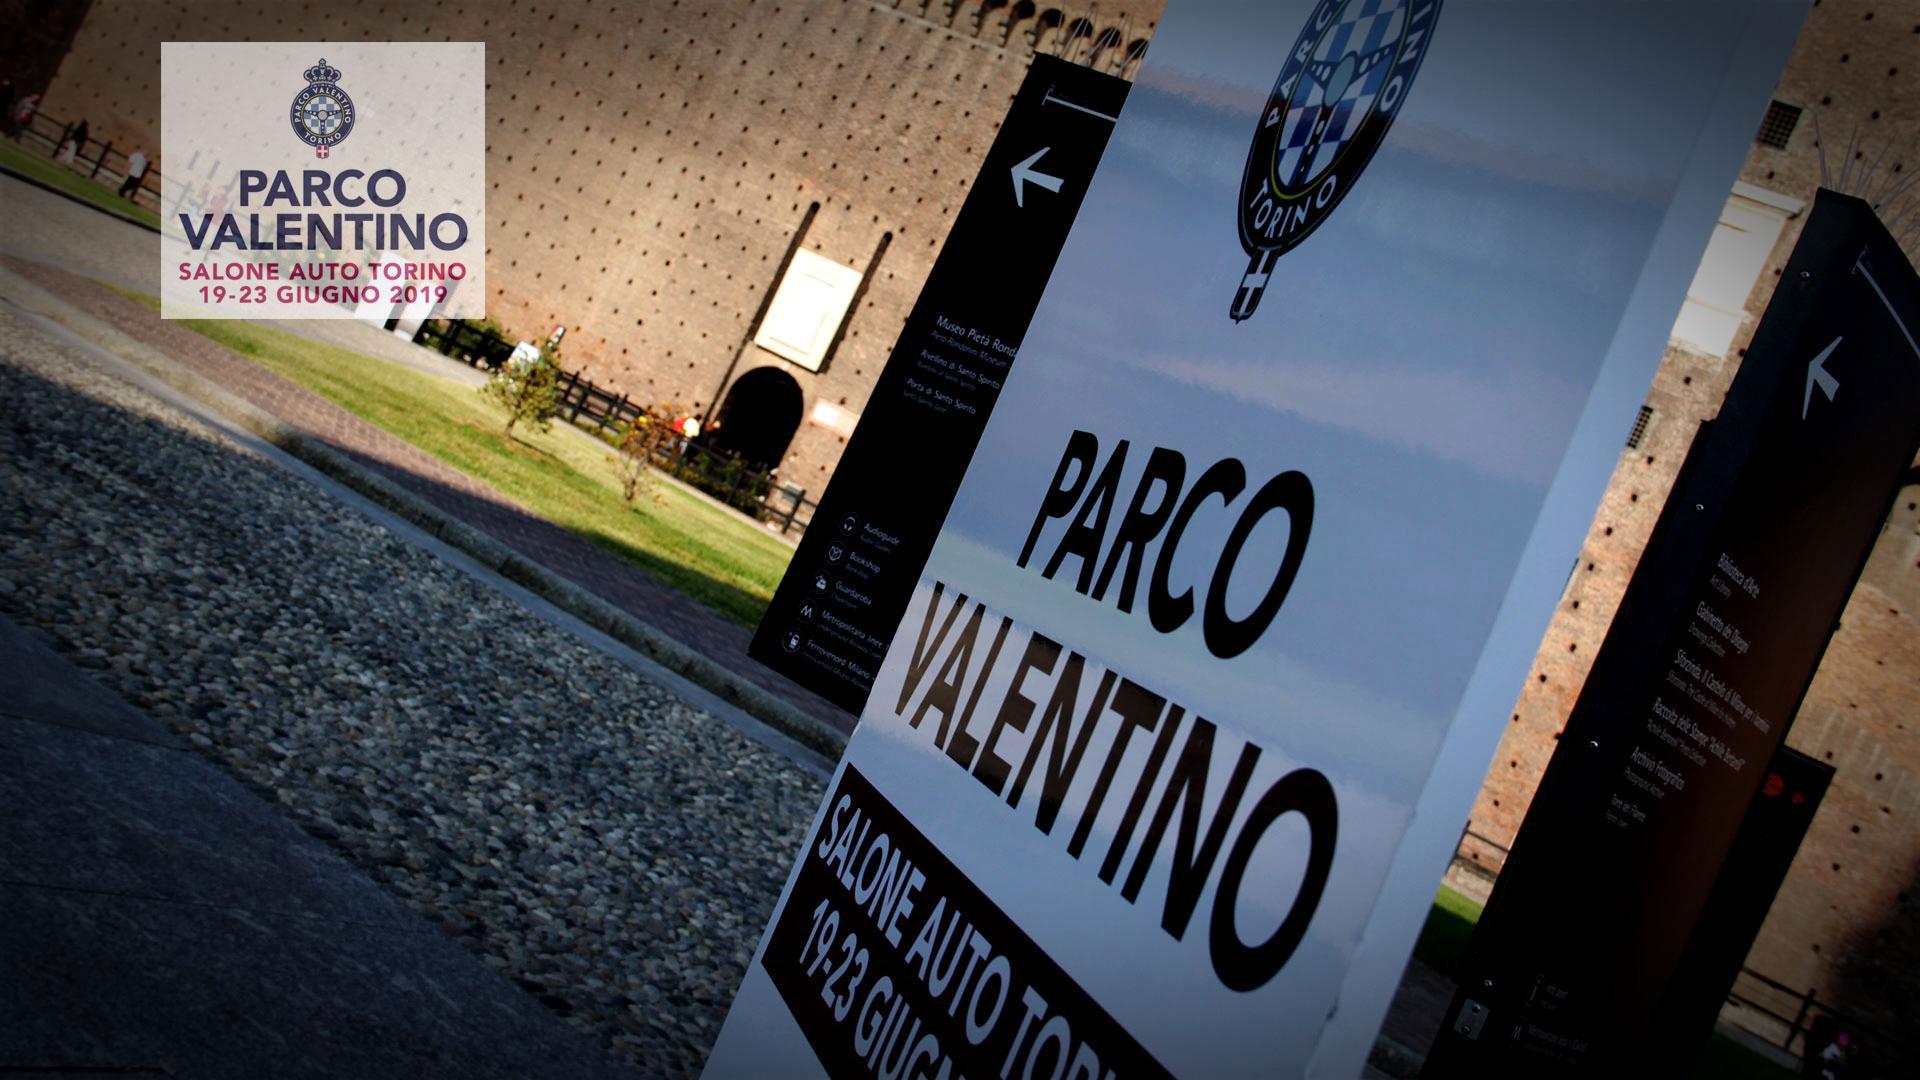 Parco Valentino presenta il Salone dell'Auto di Torino 2019: ecco tutte le novità e date